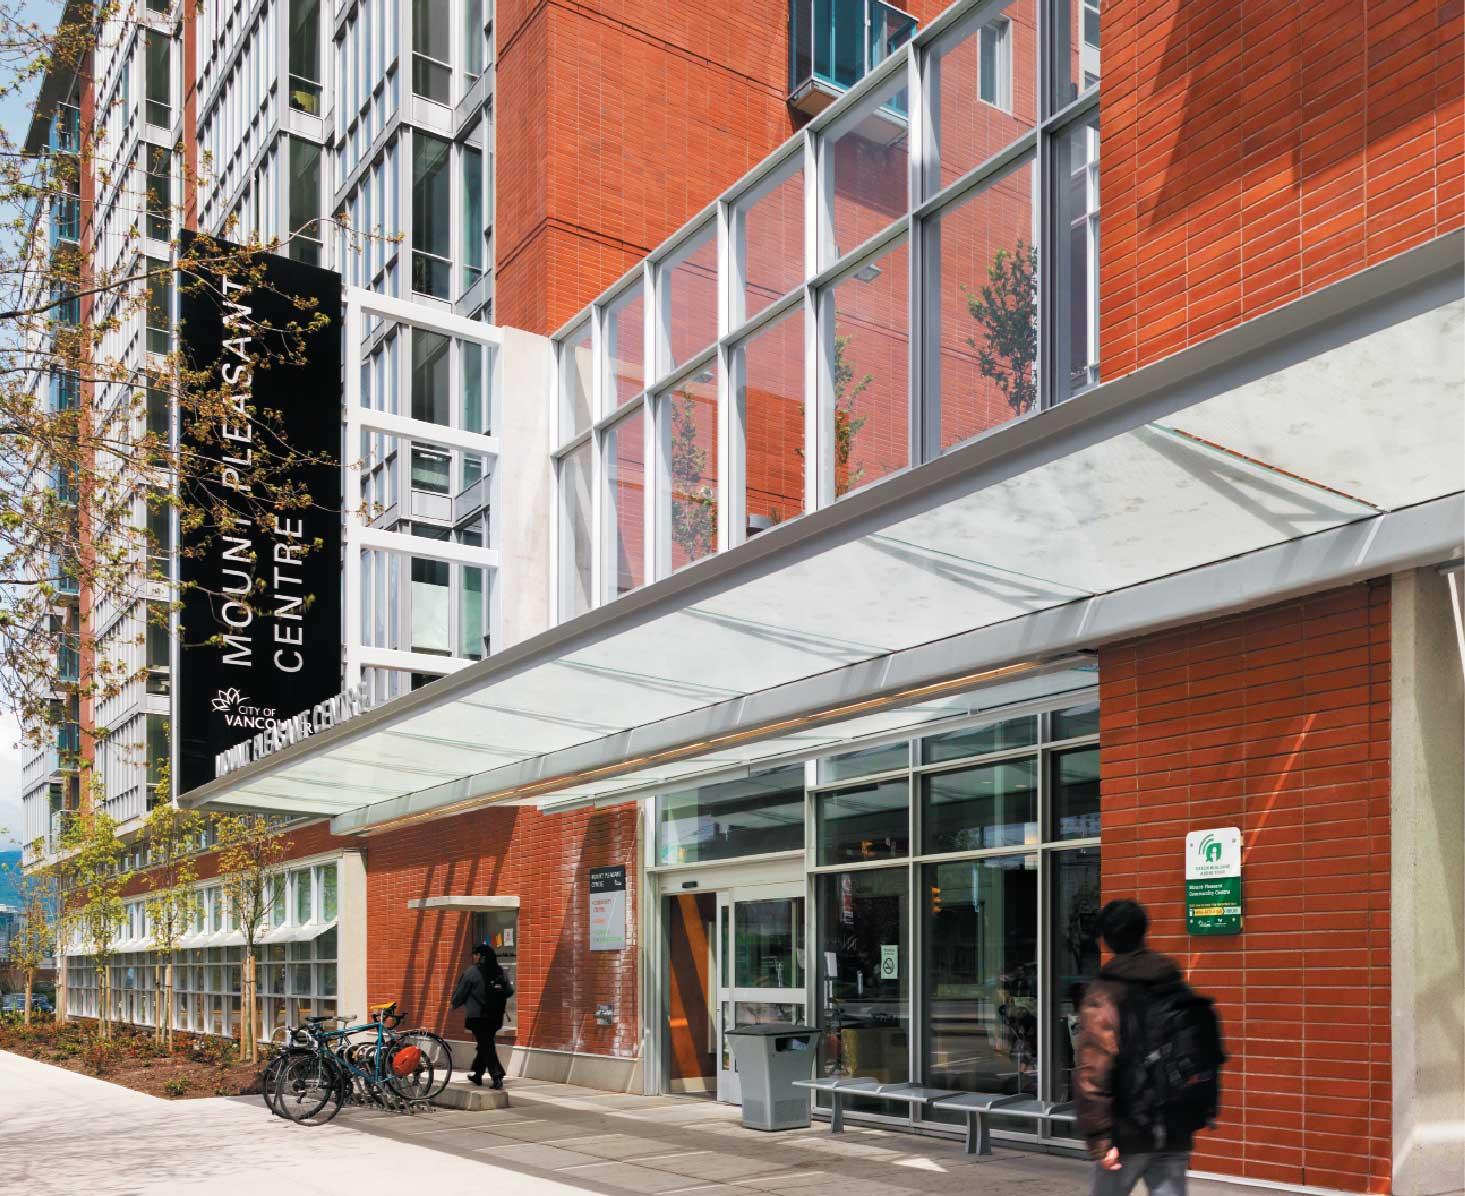 Green Building Audio Tours - The Mount Pleasant Community Centre